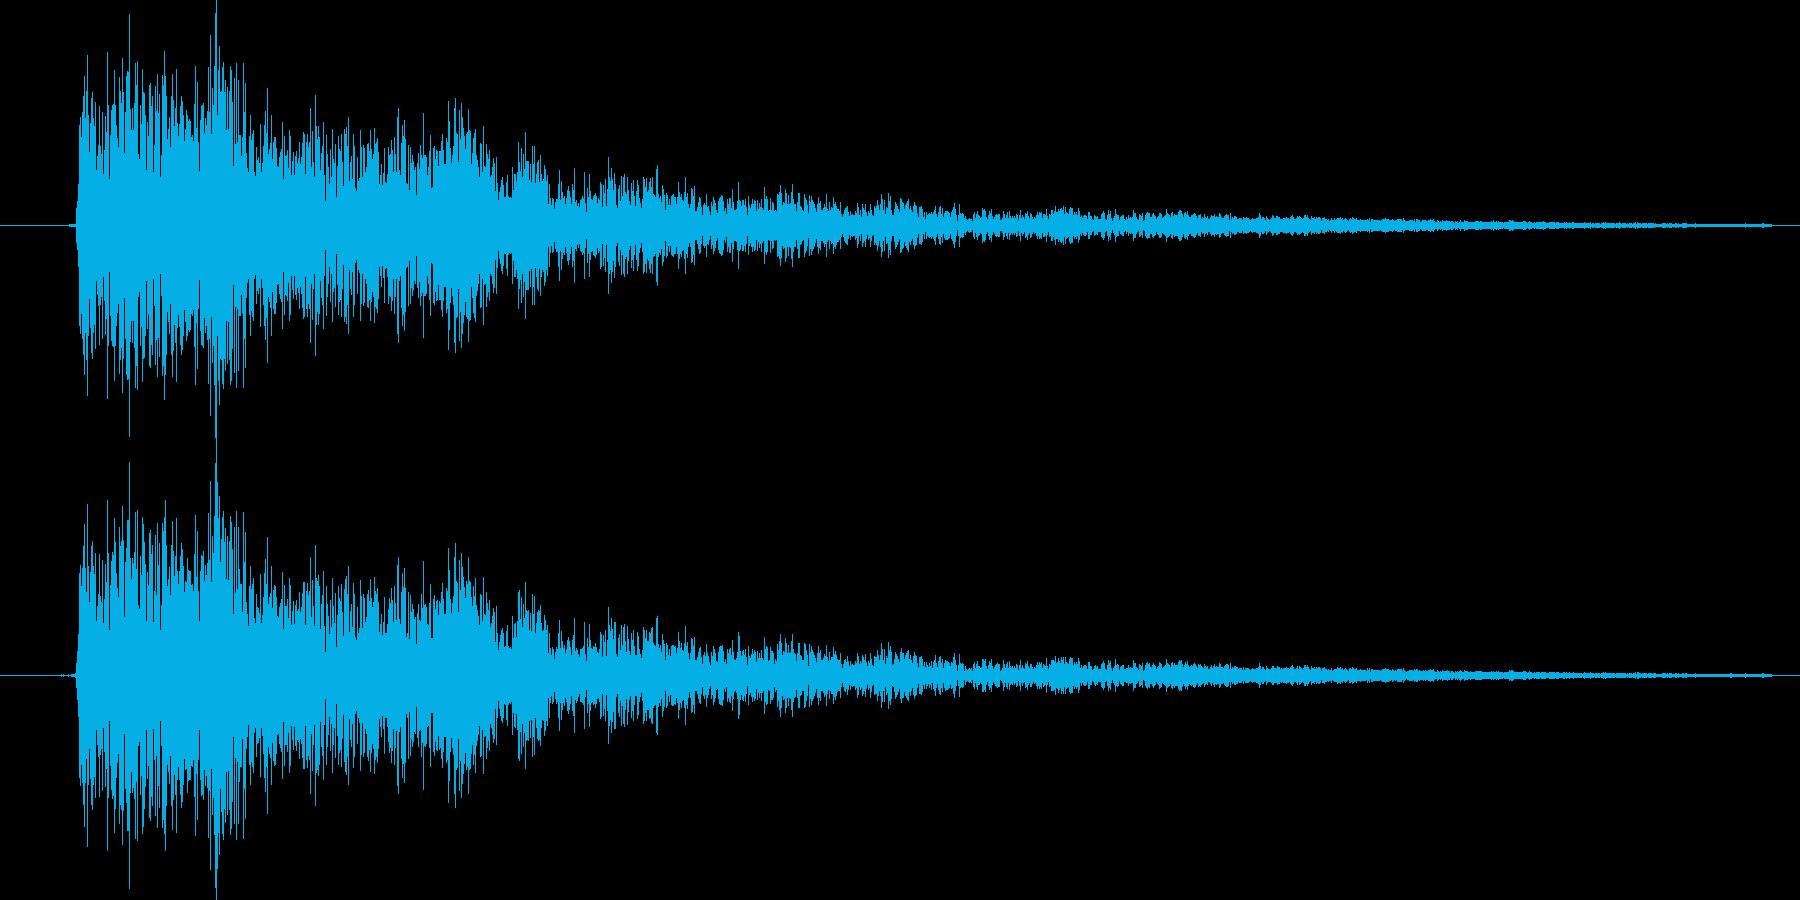 キュイン【決定音】 RPGの戦闘画面向けの再生済みの波形